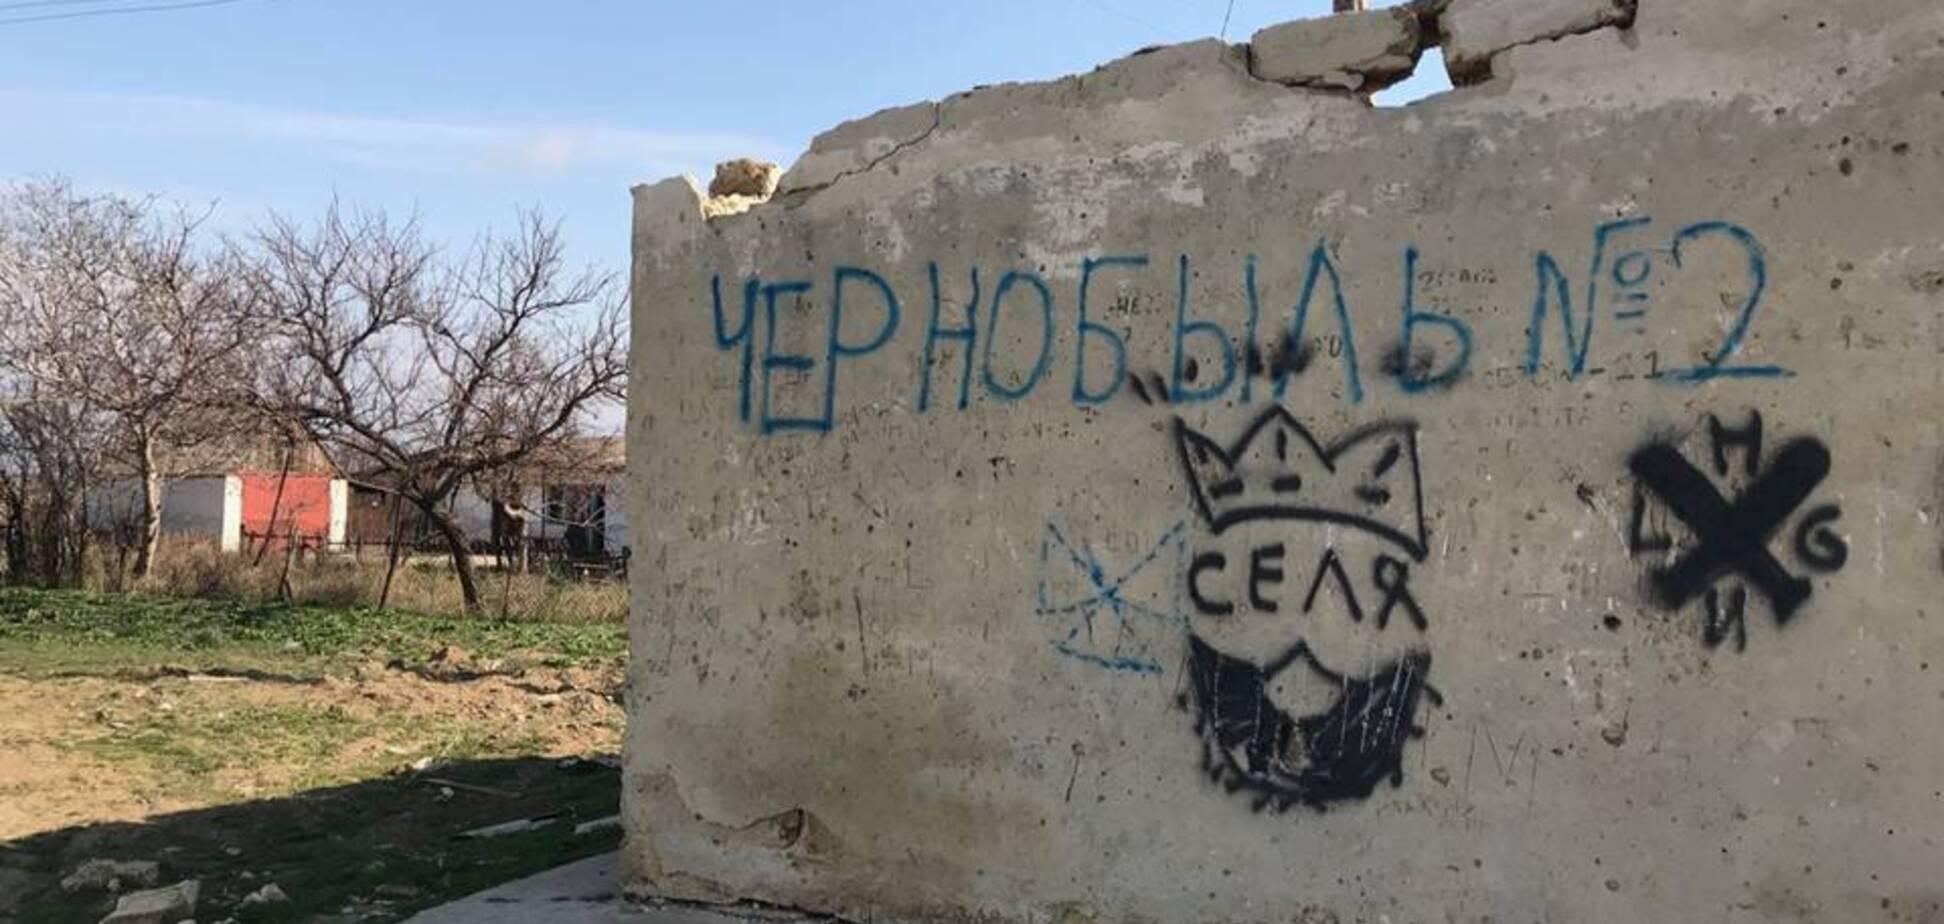 'Пишуть звернення Путіну': в окупованому Криму попередили про небезпеку